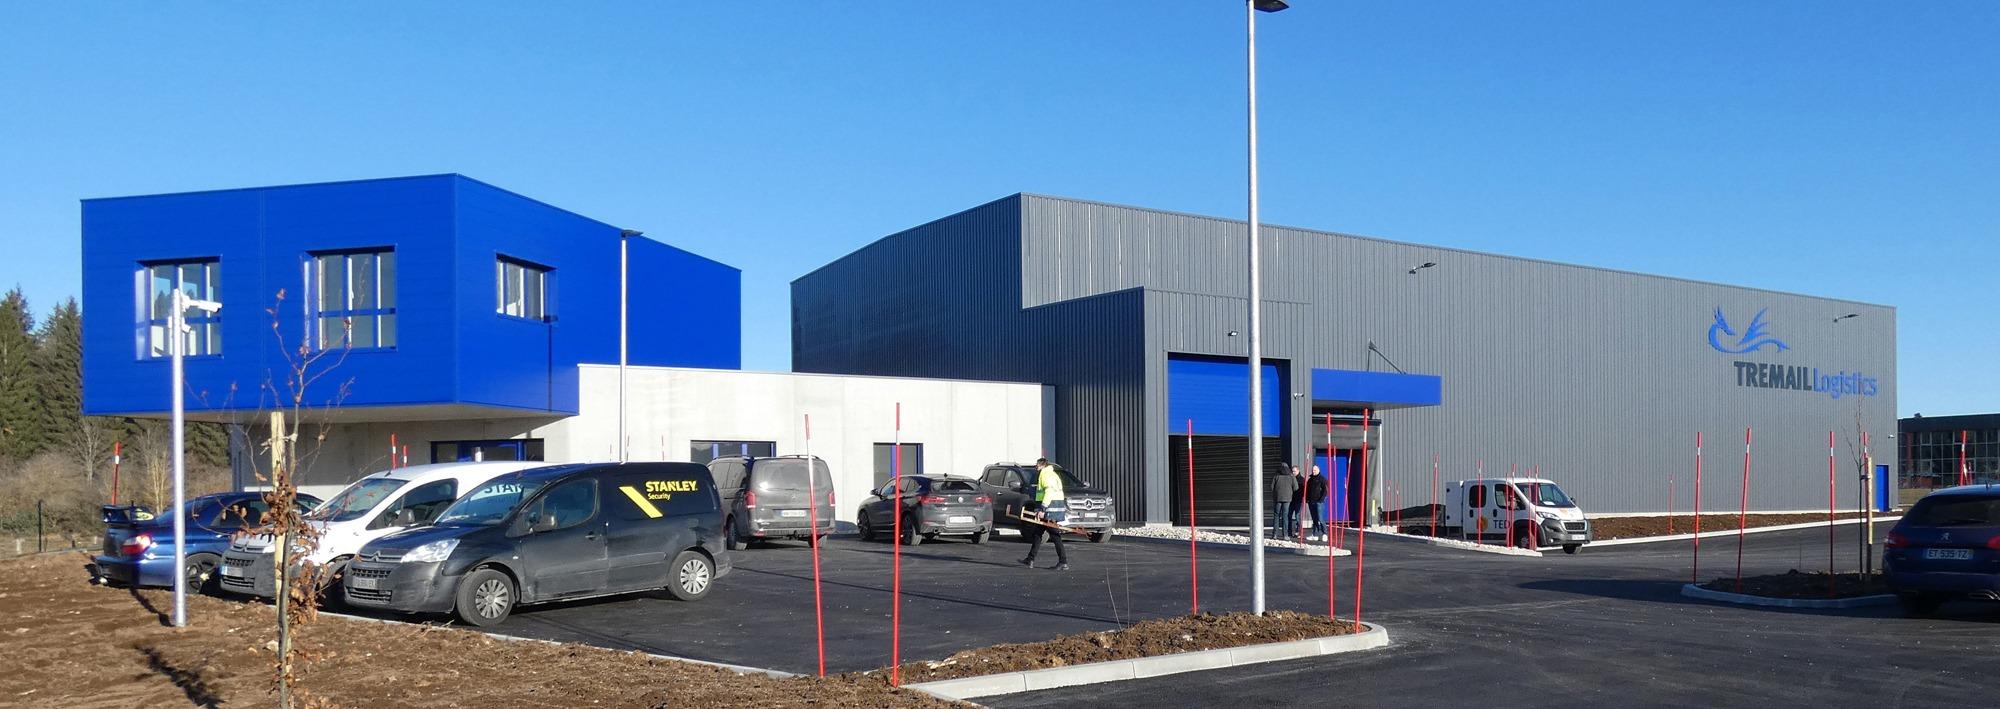 TREMAIL-LE-BELIEU-25-construction-batiment-bureaux